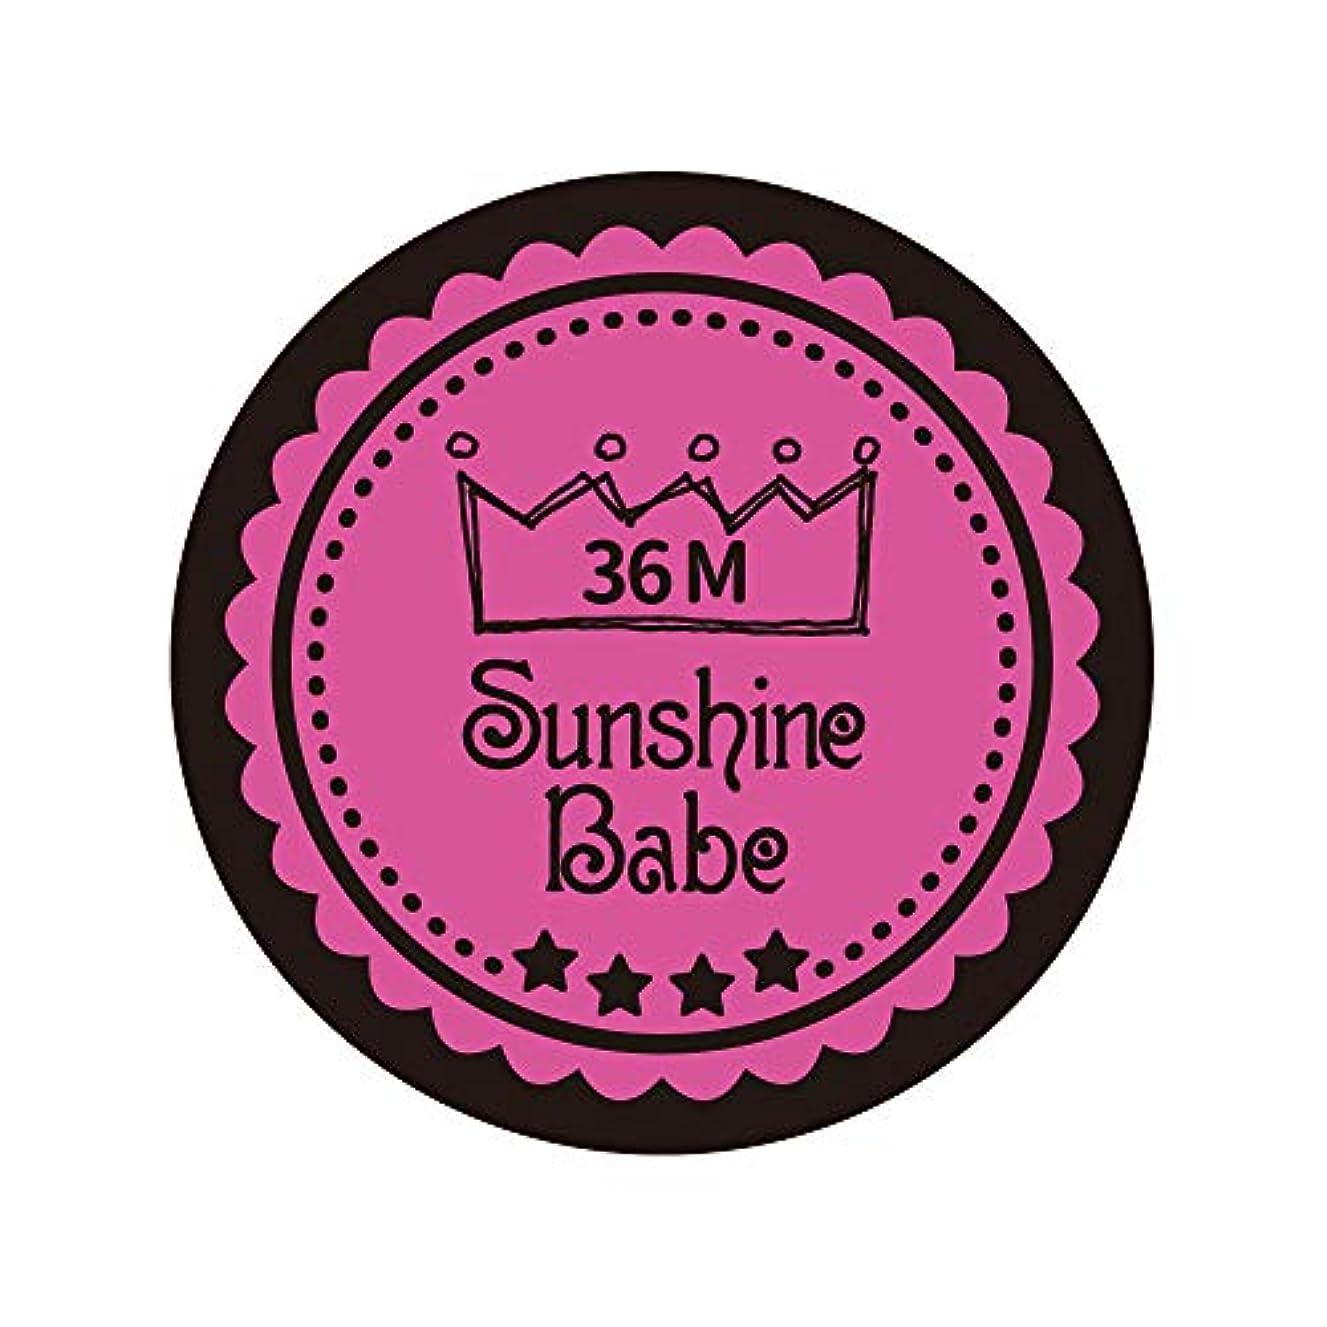 柱生息地決してSunshine Babe カラージェル 36M クロッカスピンク 2.7g UV/LED対応